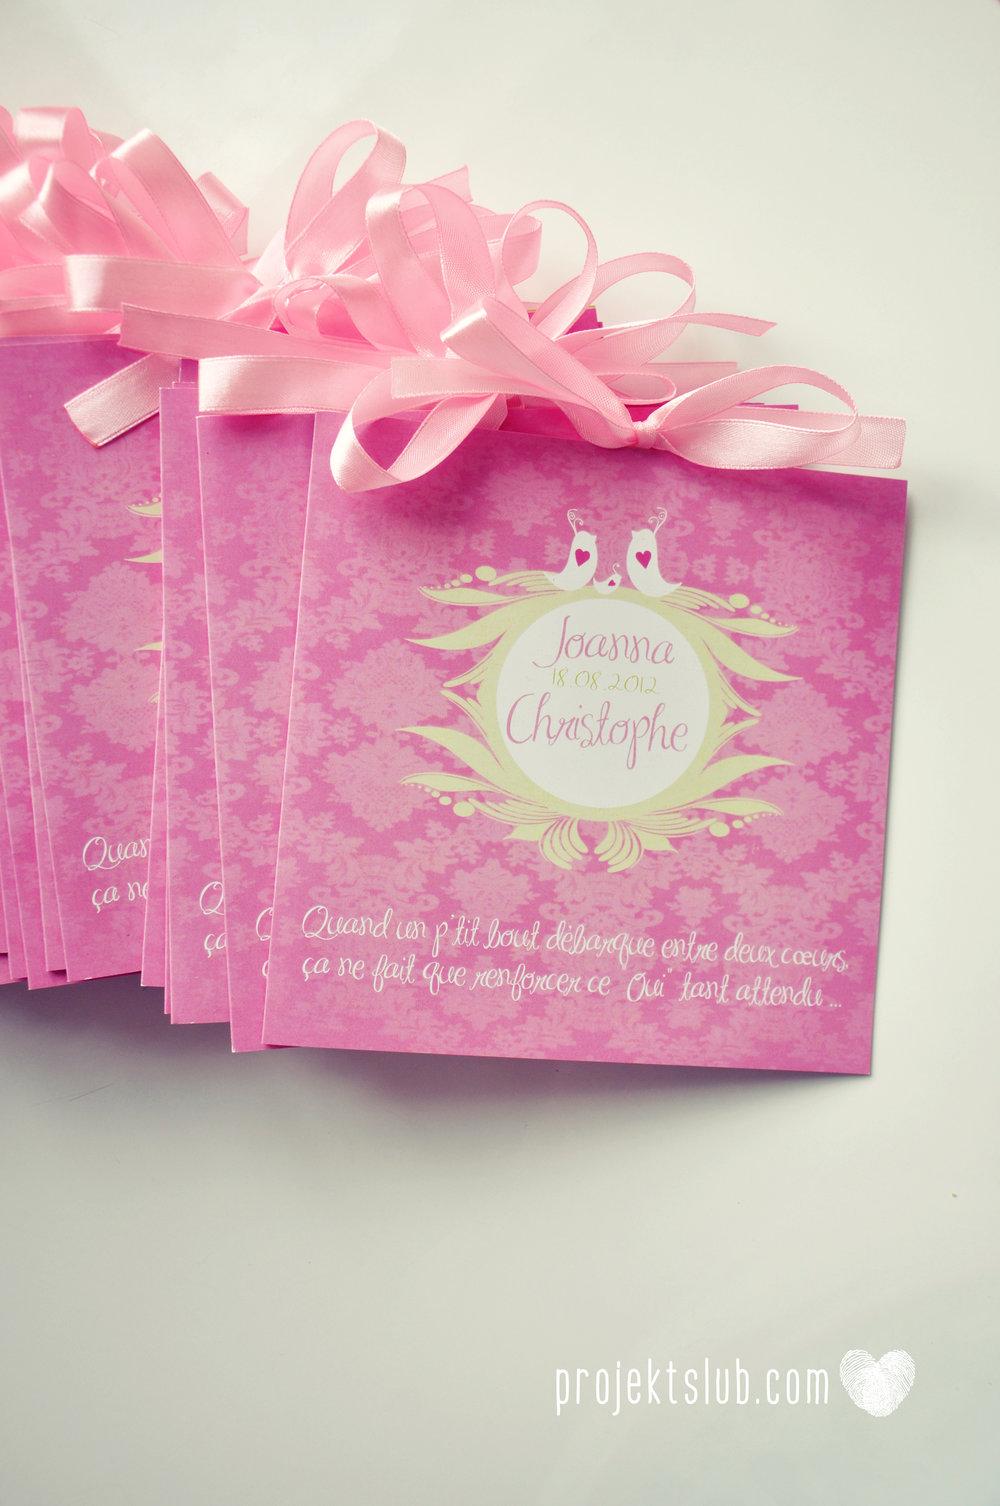 zaproszenia-ślubne-eleganckie-glamour-ptaszki-zaproszenia-dla-par-z-dzieckiem-różowy-róż-zielony-zaproszenia-projekt-ślub  (19).JPG